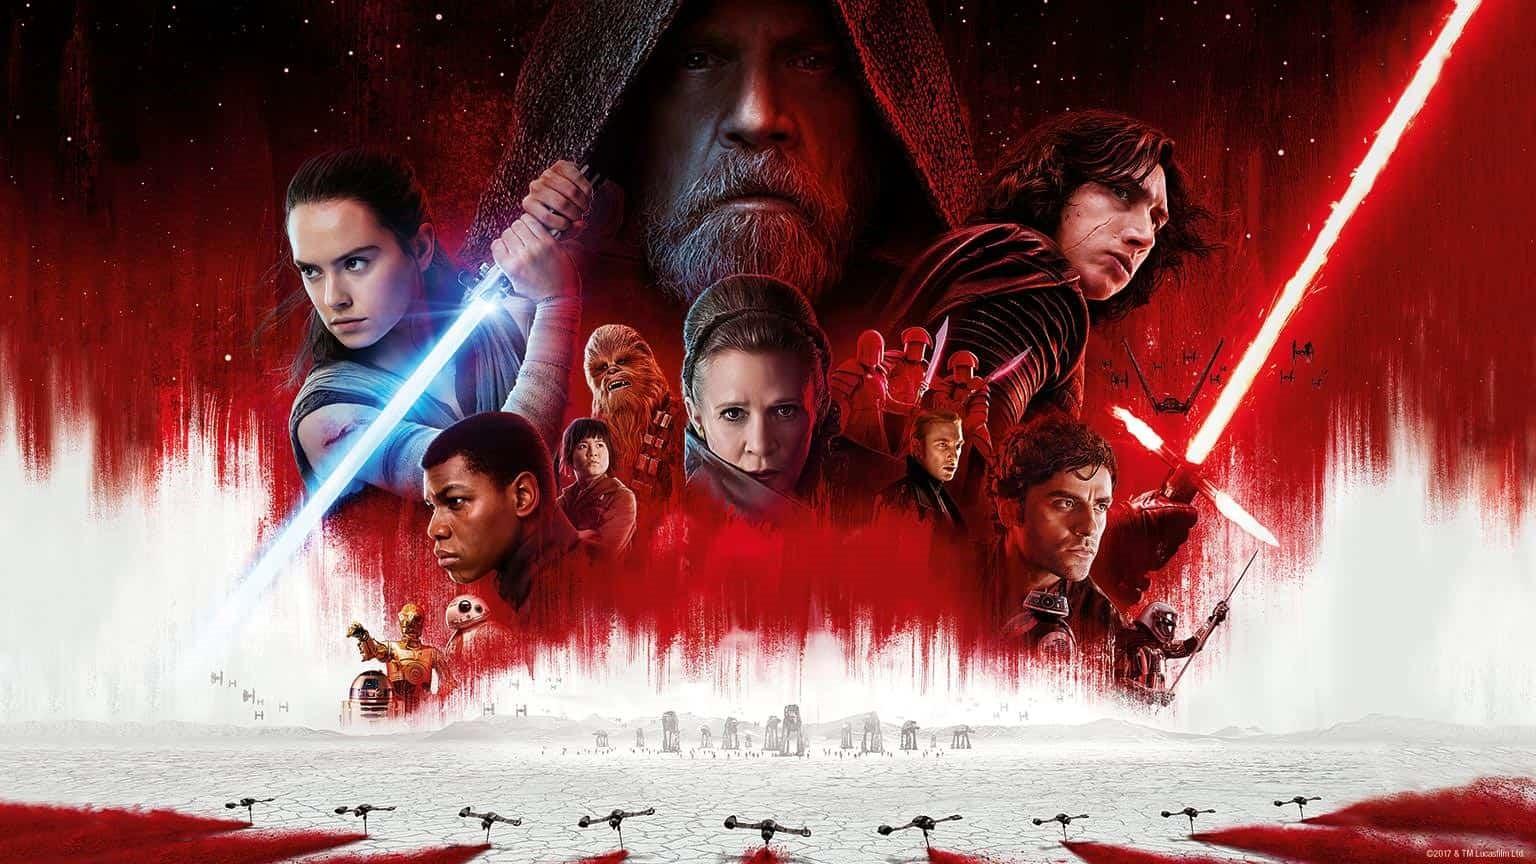 På bilden kan du se Star Wars gänget